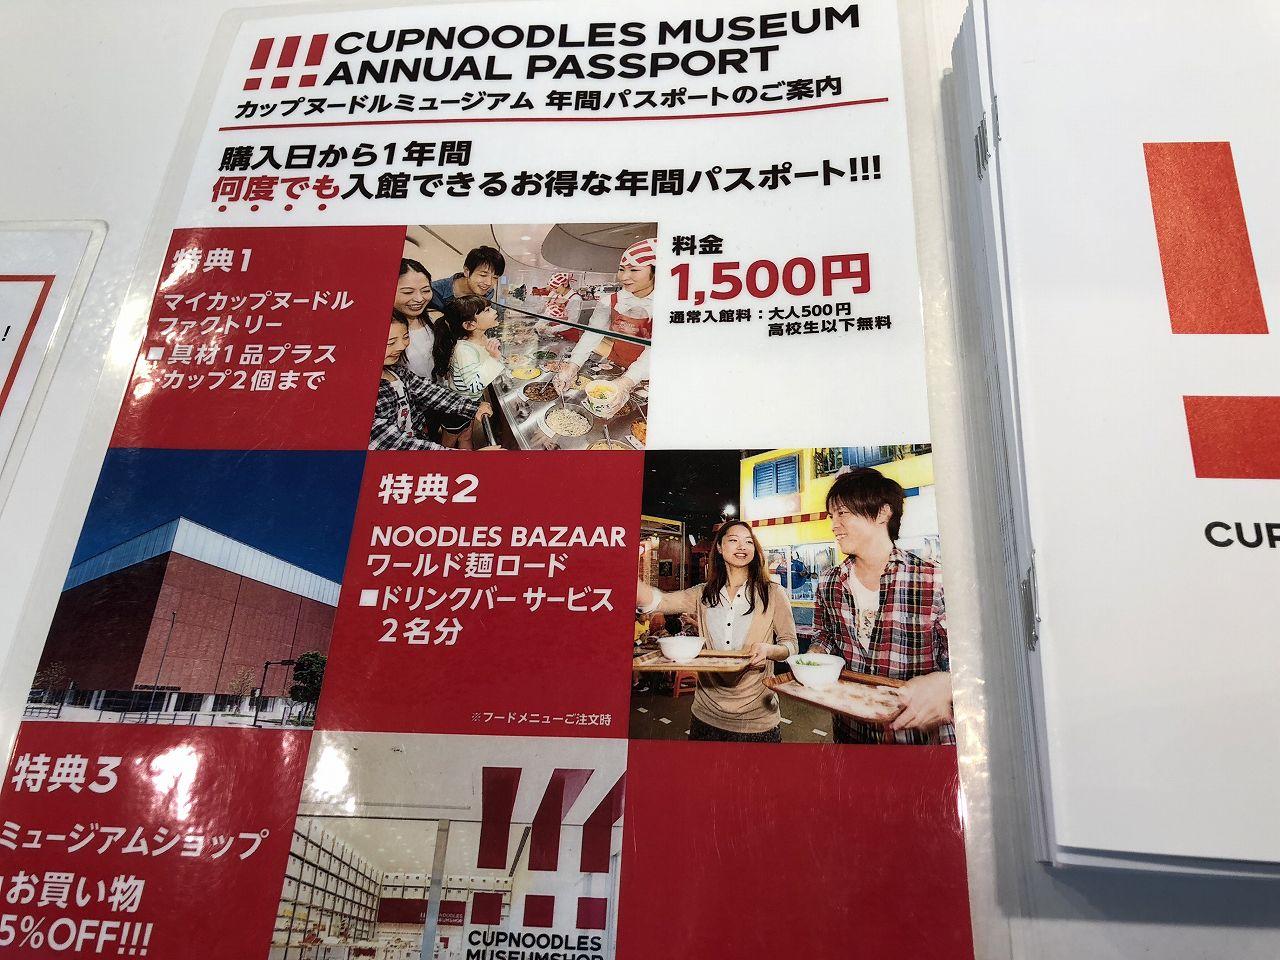 カップヌードルミュージアム年パス